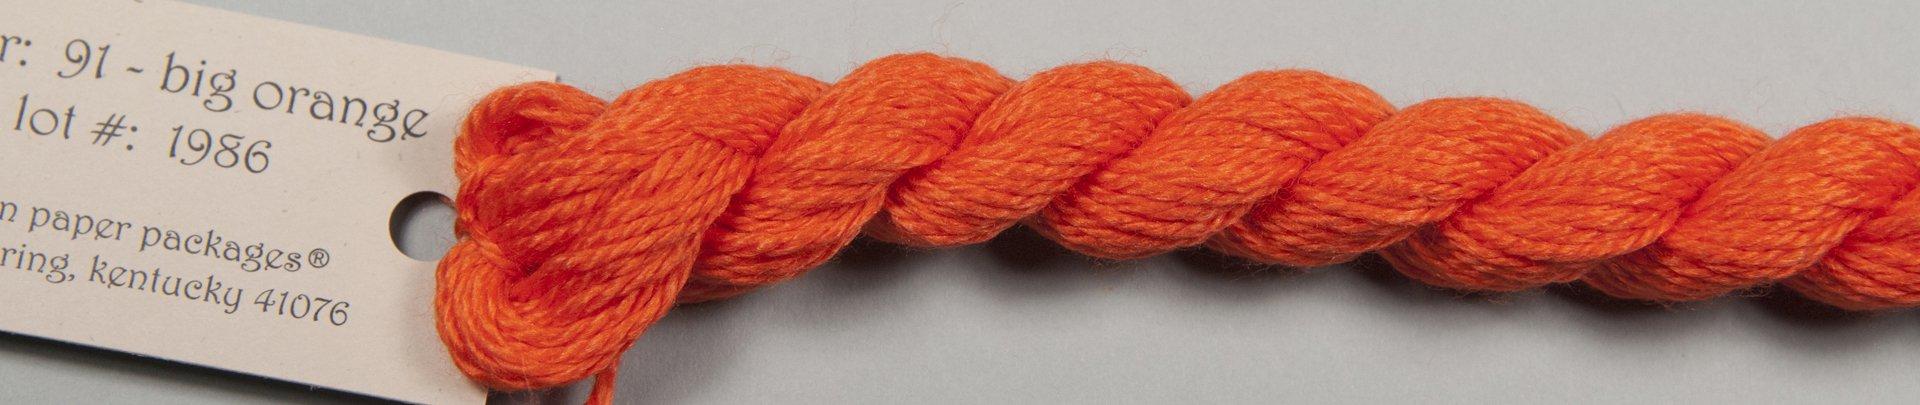 Silk & Ivory 091 Big Orange